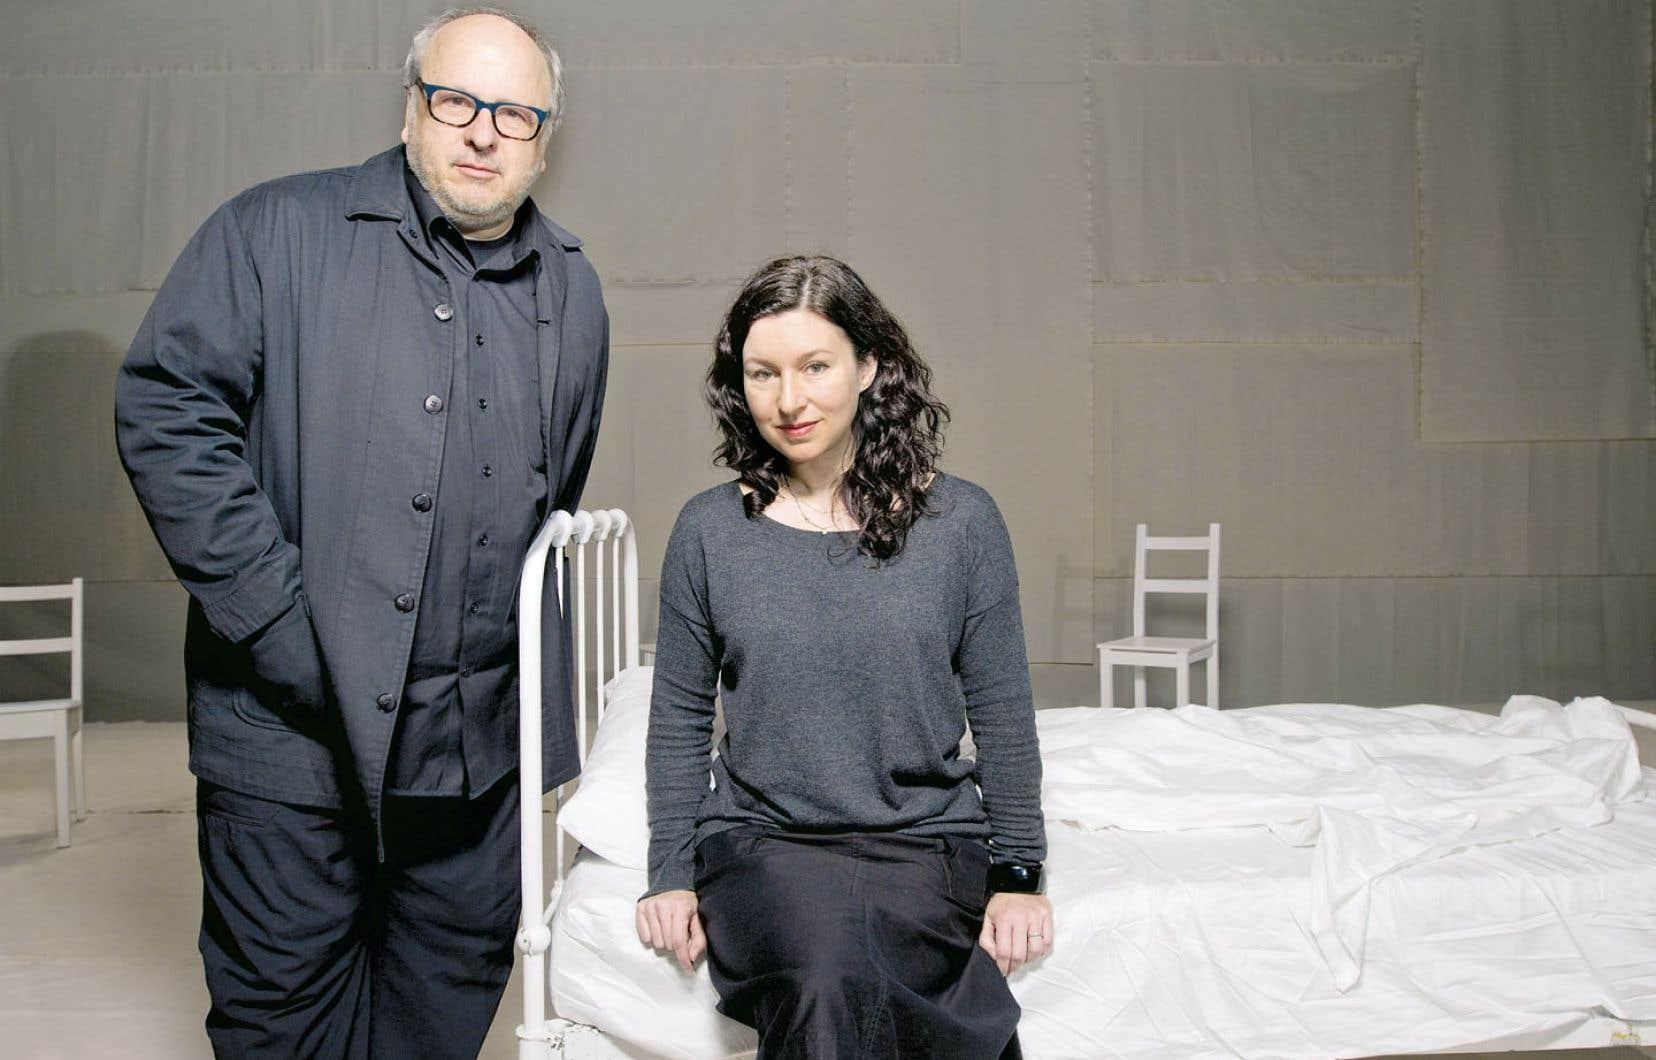 Denis Marleau et Stéphanie Jasmin reviennent à une dramaturgie contemporaine avec Le dernier feu de l'Allemande Dea Loher.